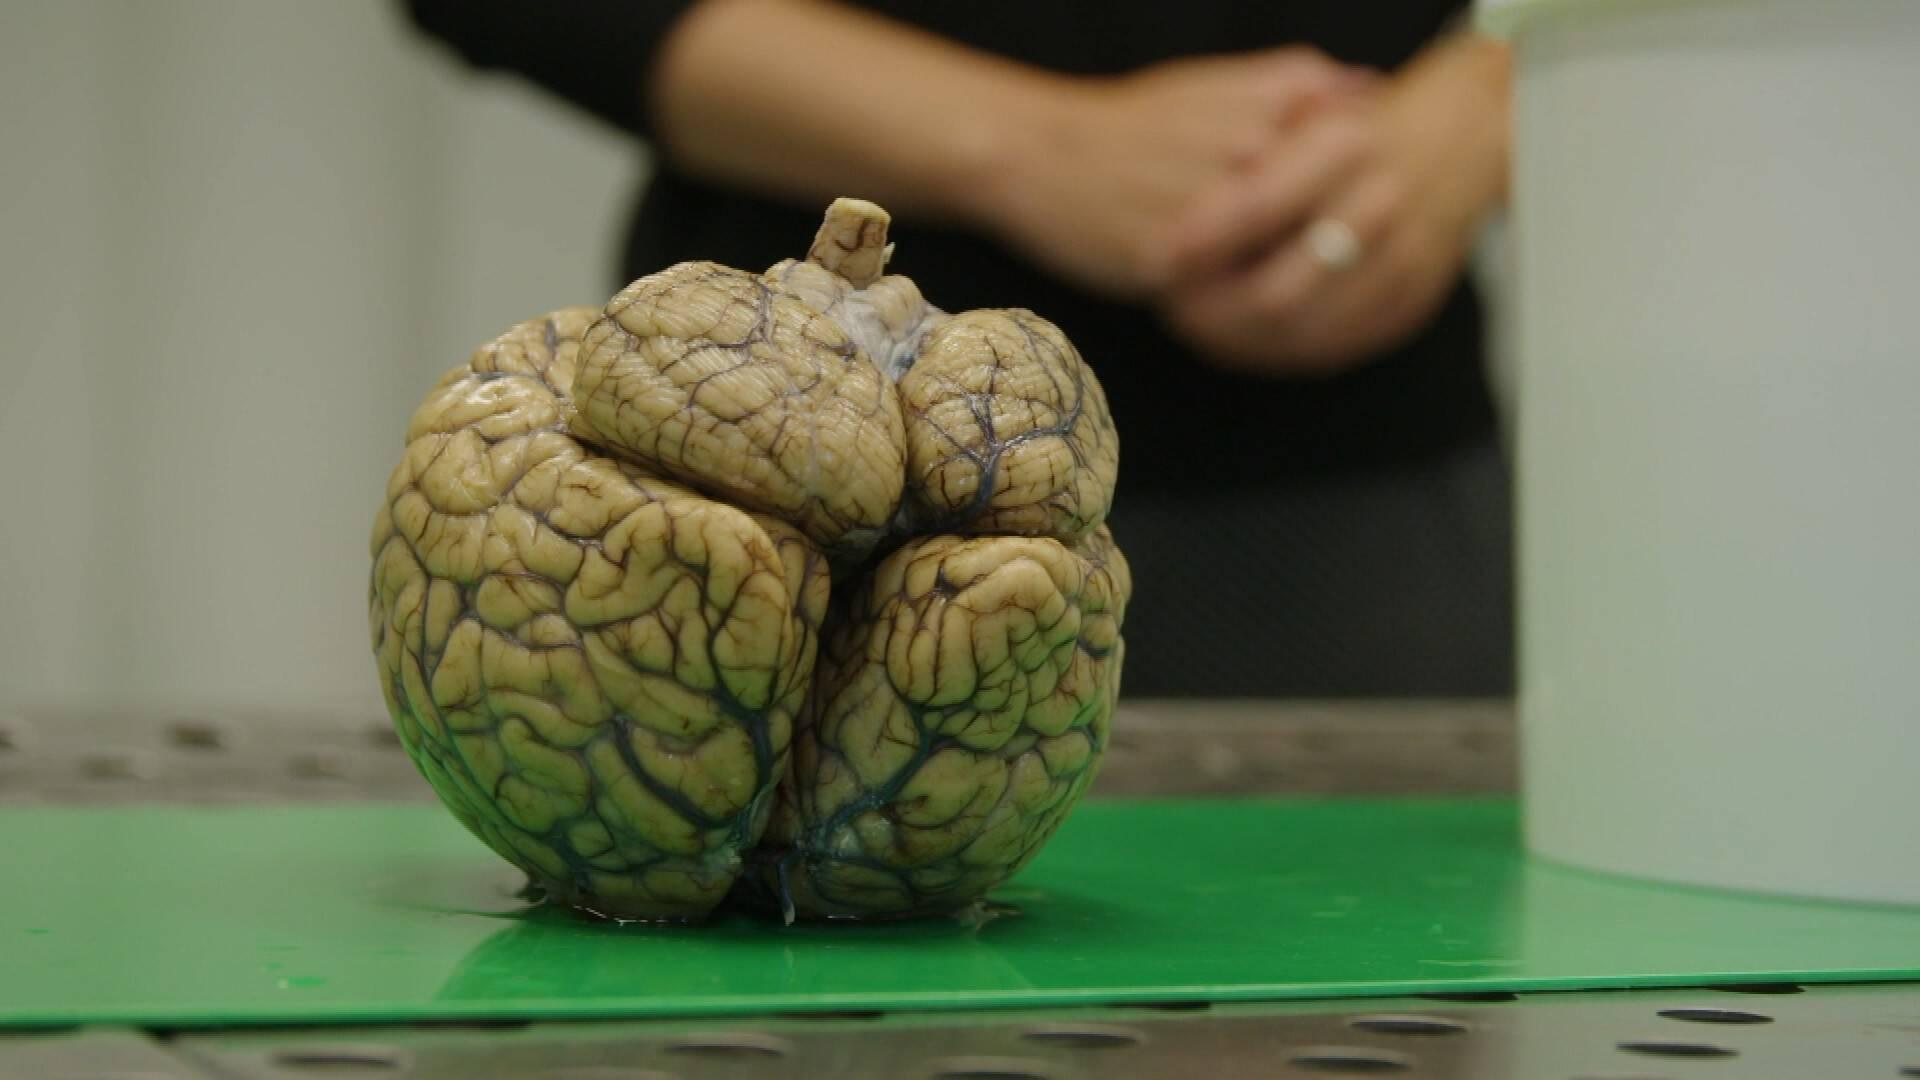 باحثون: كورونا يؤدي لتلف في الدماغ نتيجة الاستجابة المناعية المبالغ فيها